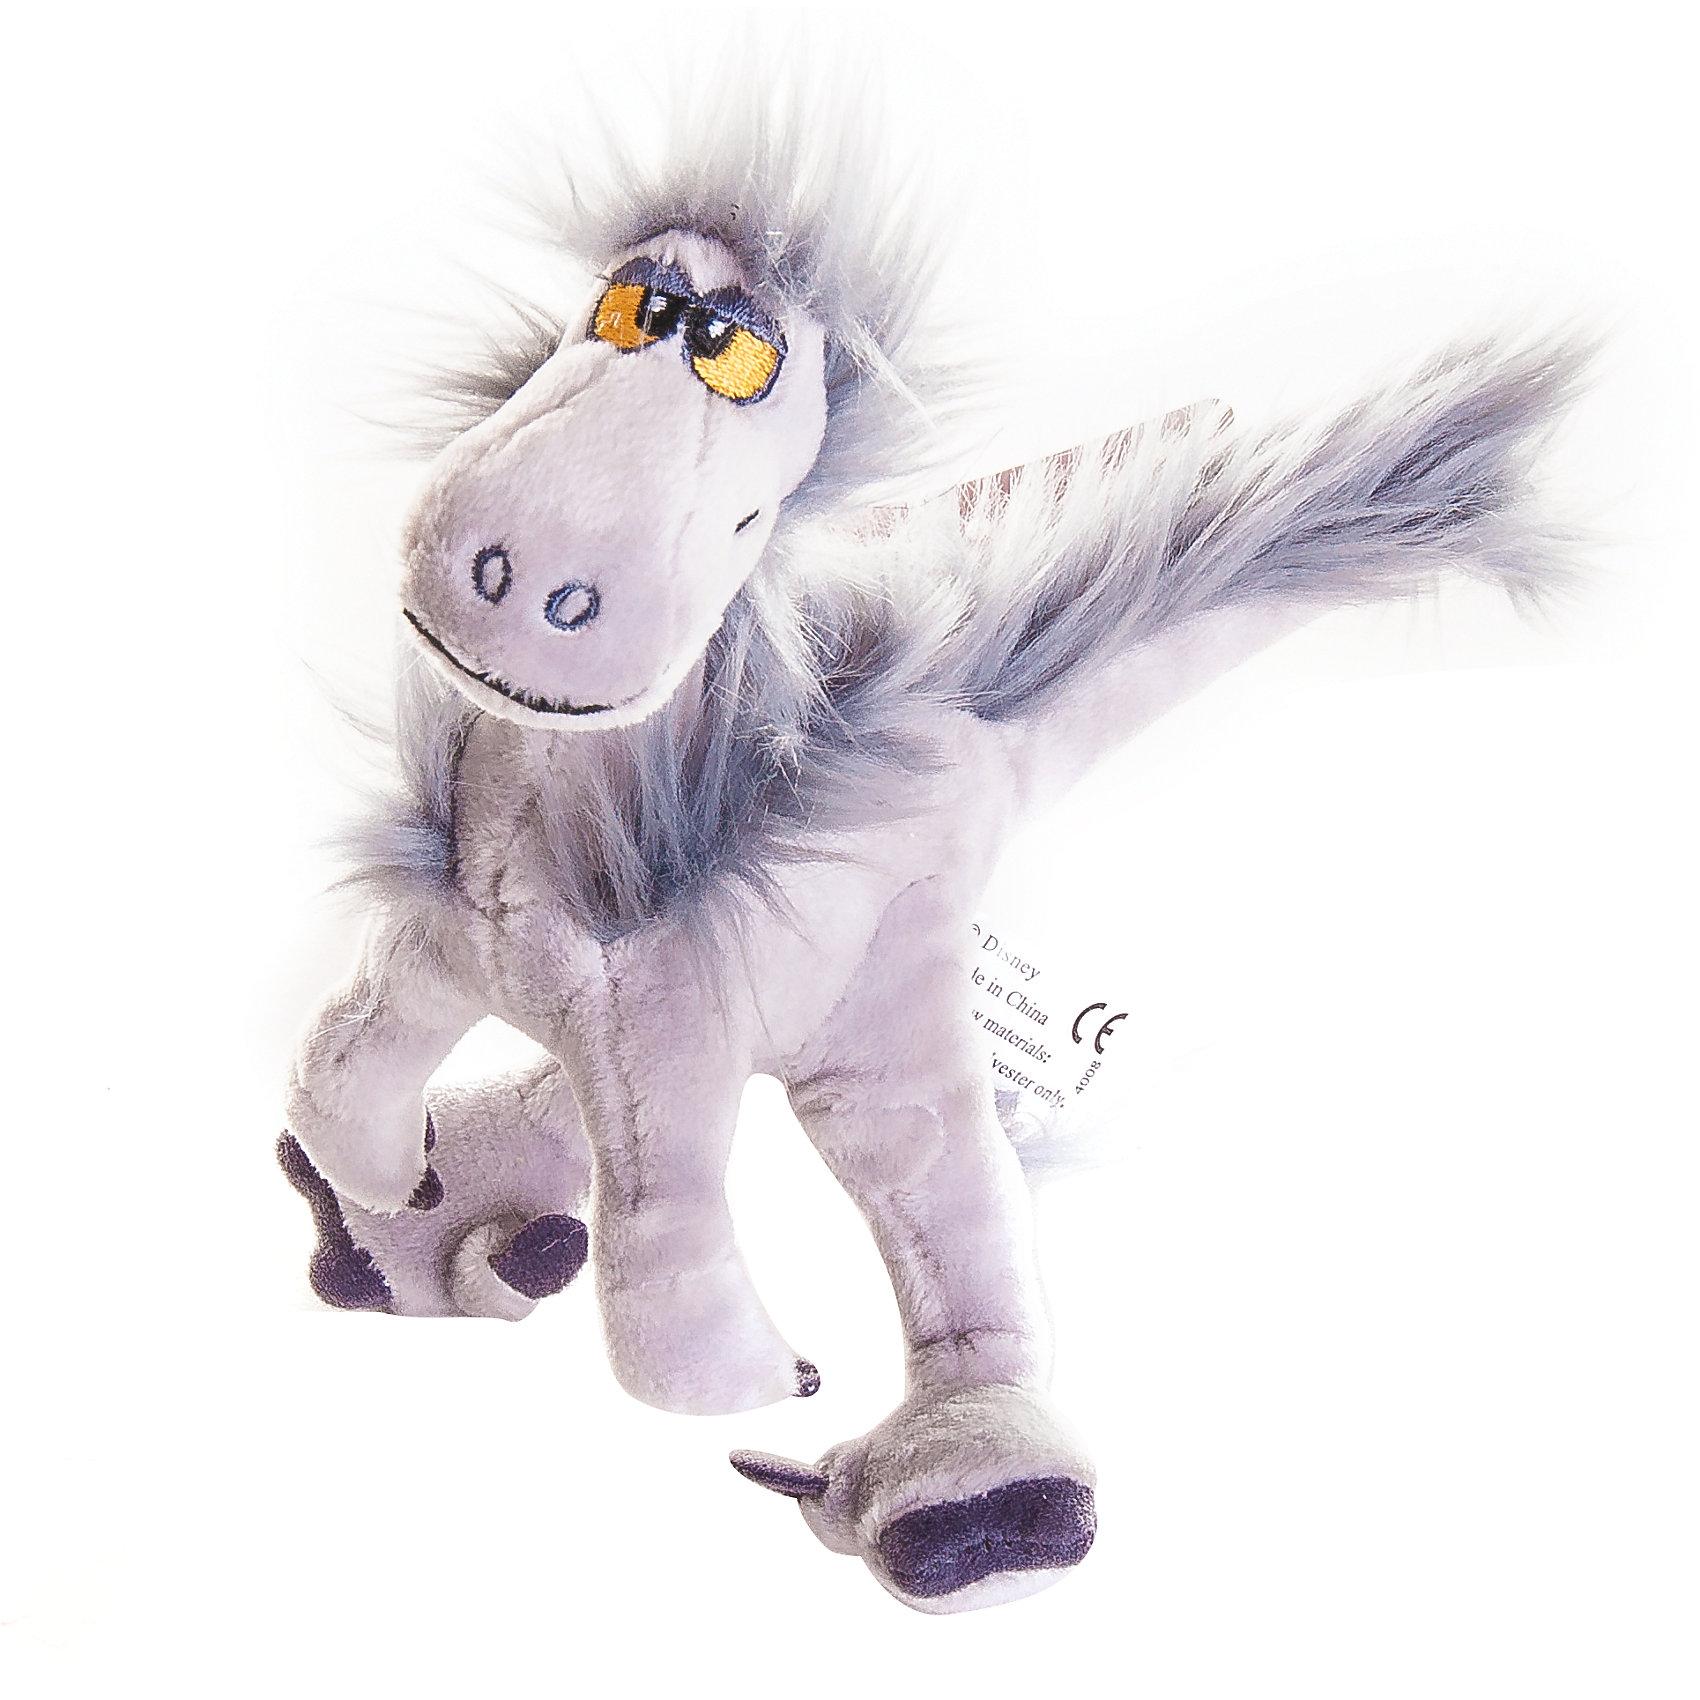 Мягкая игрушка  Раптор, 17 см, Хороший динозаврЗабавный динозавр Раптор  - оригинальная мягкая игрушка, которая станет приятным сюрпризом для детей любого возраста. Игрушка выполнена по мотивам нового диснеевского мультфильма Хороший динозавр (The Good Dinosaur) и внешне очень похожа на своего экранного персонажа. Рапторы - хищные динозавры, которые постоянно пытаются угнать стадо, принадлежащее семье тираннозавра Буча, персонажа мультика. У игрушечного Раптора серая шерстка с длинным ворсом по спине, имитирующим перья. Игрушка очень мягкая и приятная на ощупь, изготовлена из качественных экологичных материалов и совершенно безопасна для детского здоровья. Способствует развитию фантазии и воображения, тренирует тактильное и визуальное восприятие.<br><br>Дополнительная информация:<br><br>- Материал: плюш, синтепон.<br>- Высота игрушки: 17 см.<br>- Размер упаковки: 15 х 20 х 21 см.<br>- Вес: 55 гр.<br><br>Мягкую игрушку Раптор, Хороший динозавр, можно купить в нашем интернет-магазине.<br><br>Ширина мм: 150<br>Глубина мм: 200<br>Высота мм: 210<br>Вес г: 55<br>Возраст от месяцев: 36<br>Возраст до месяцев: 192<br>Пол: Унисекс<br>Возраст: Детский<br>SKU: 4302507